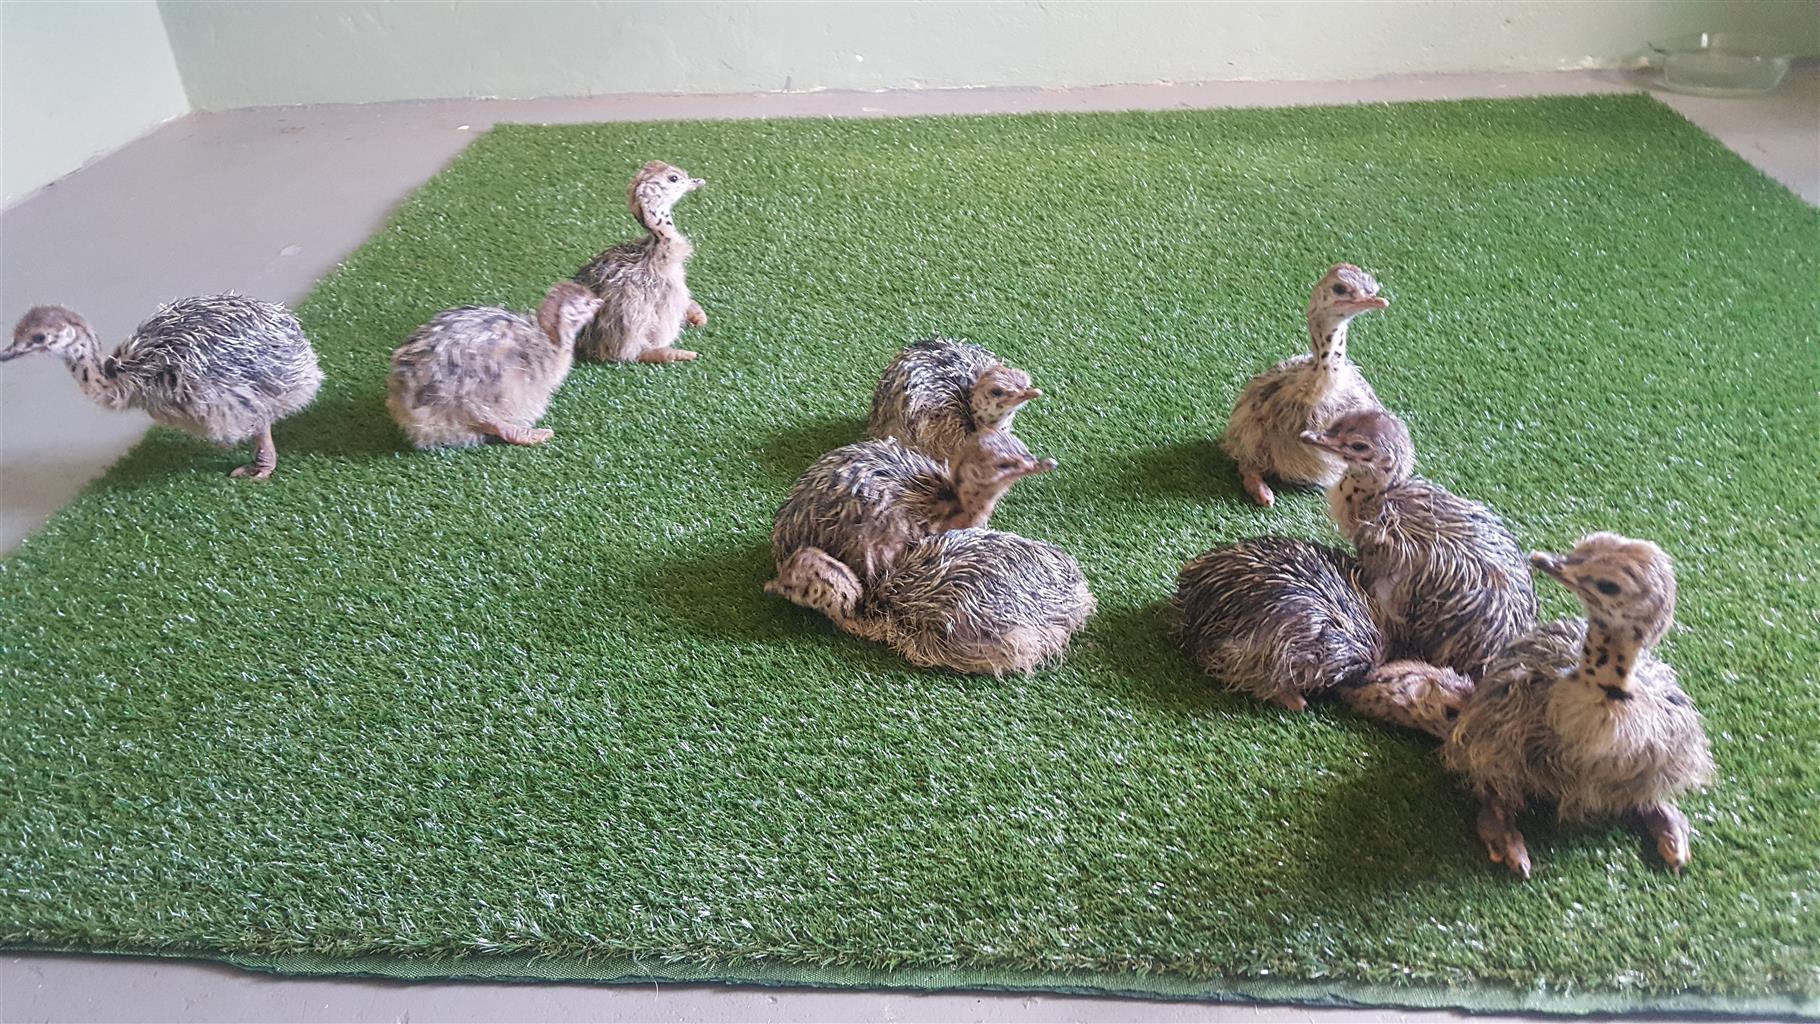 Ostrich chicks 4 weeks old